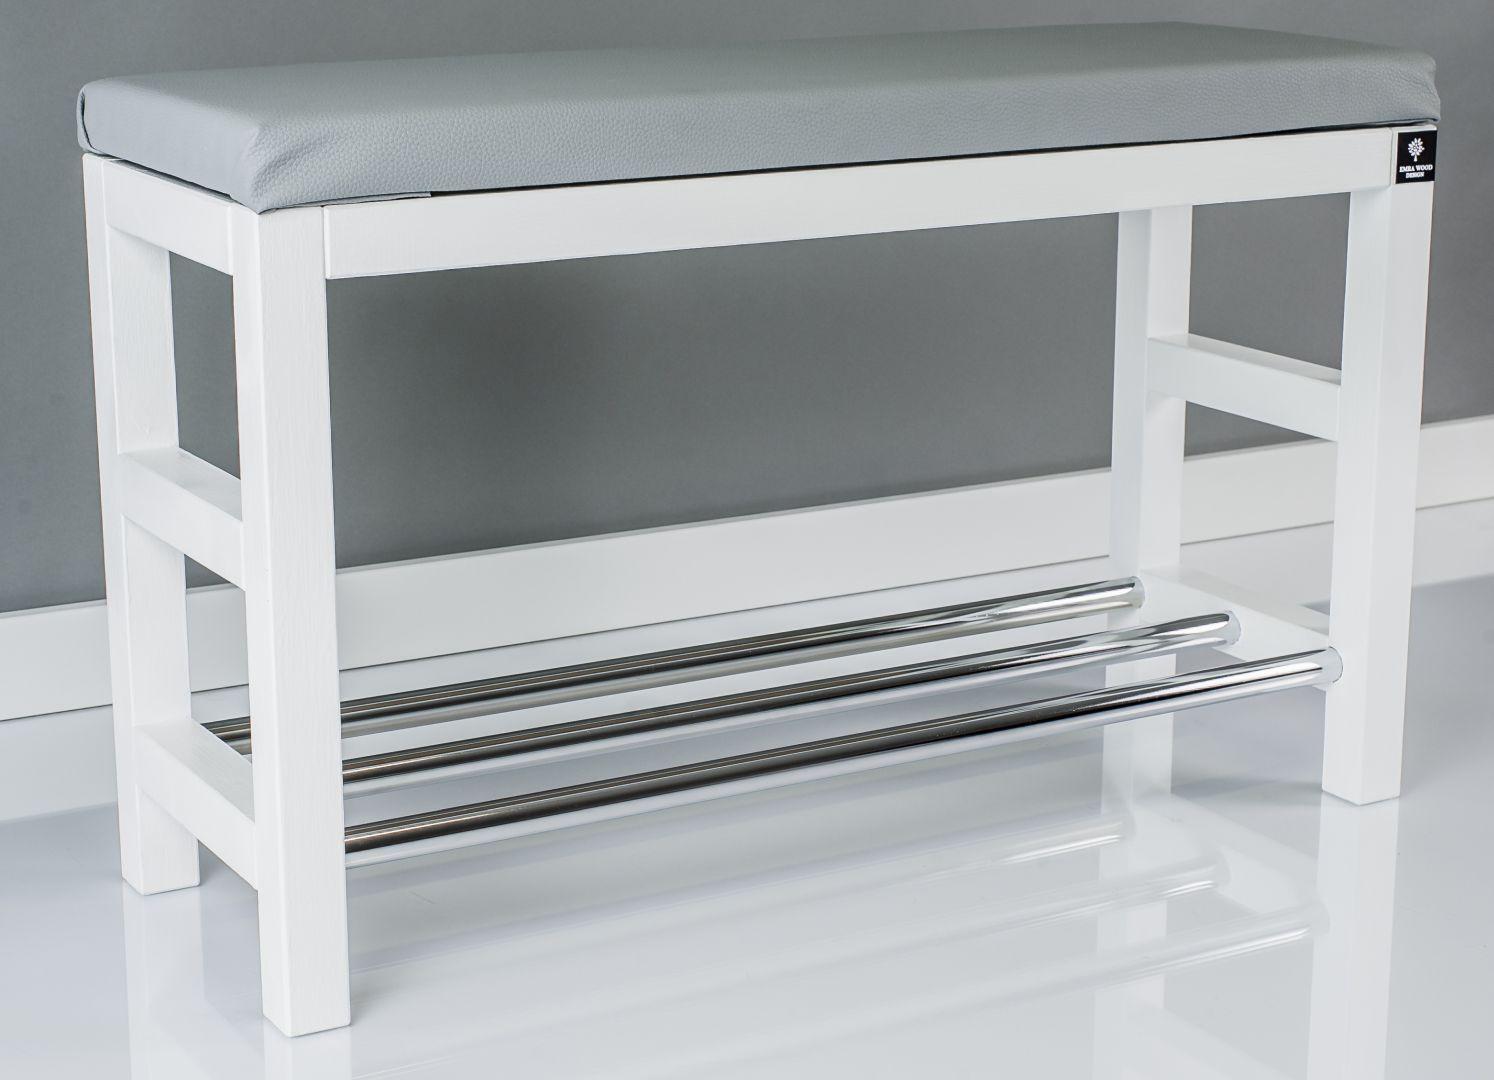 Regal Szafka Na Buty Bialy Z Siedziskiem Popielatym Drewno Lite Rbs 15 Www Emrawood Pl Home Decor Furniture Changing Table